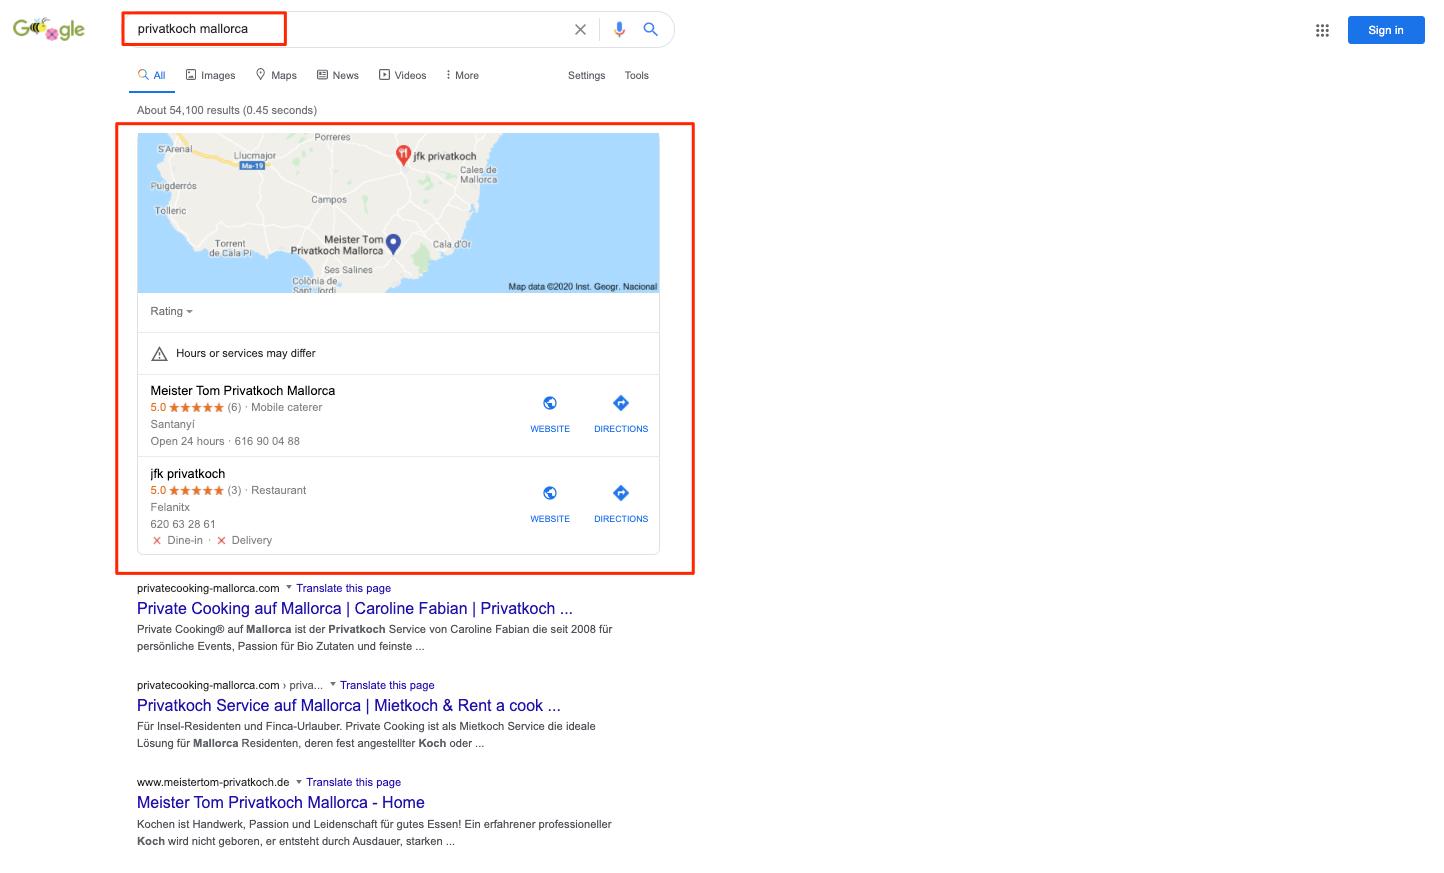 privatkoch_mallorca_-_Google_Search.png